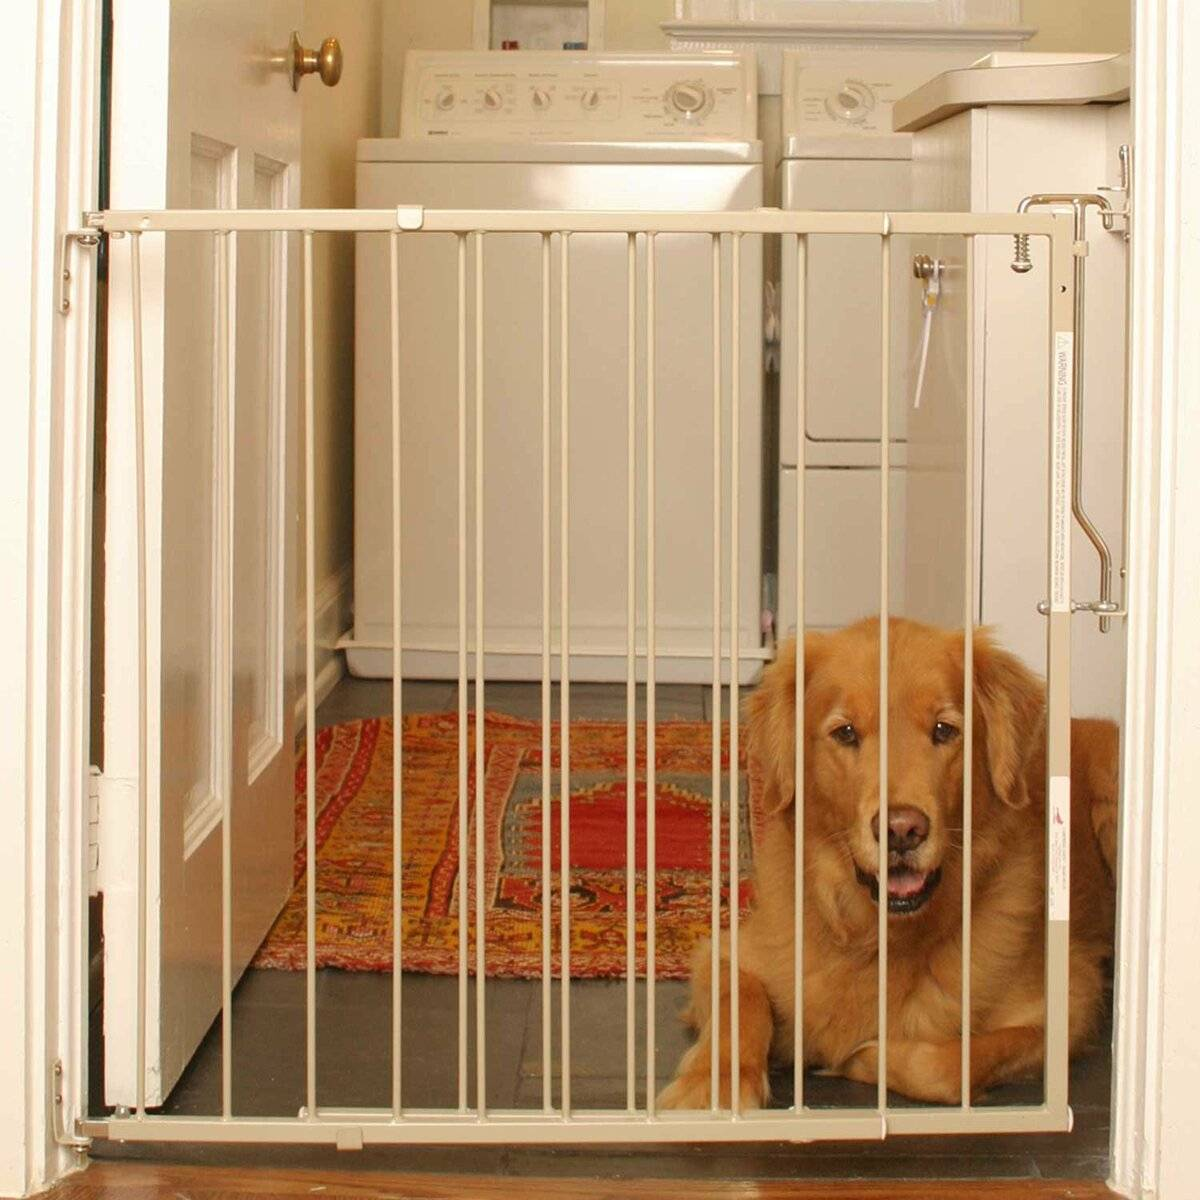 Барьер для собак в квартиру в дверной проем — назначение